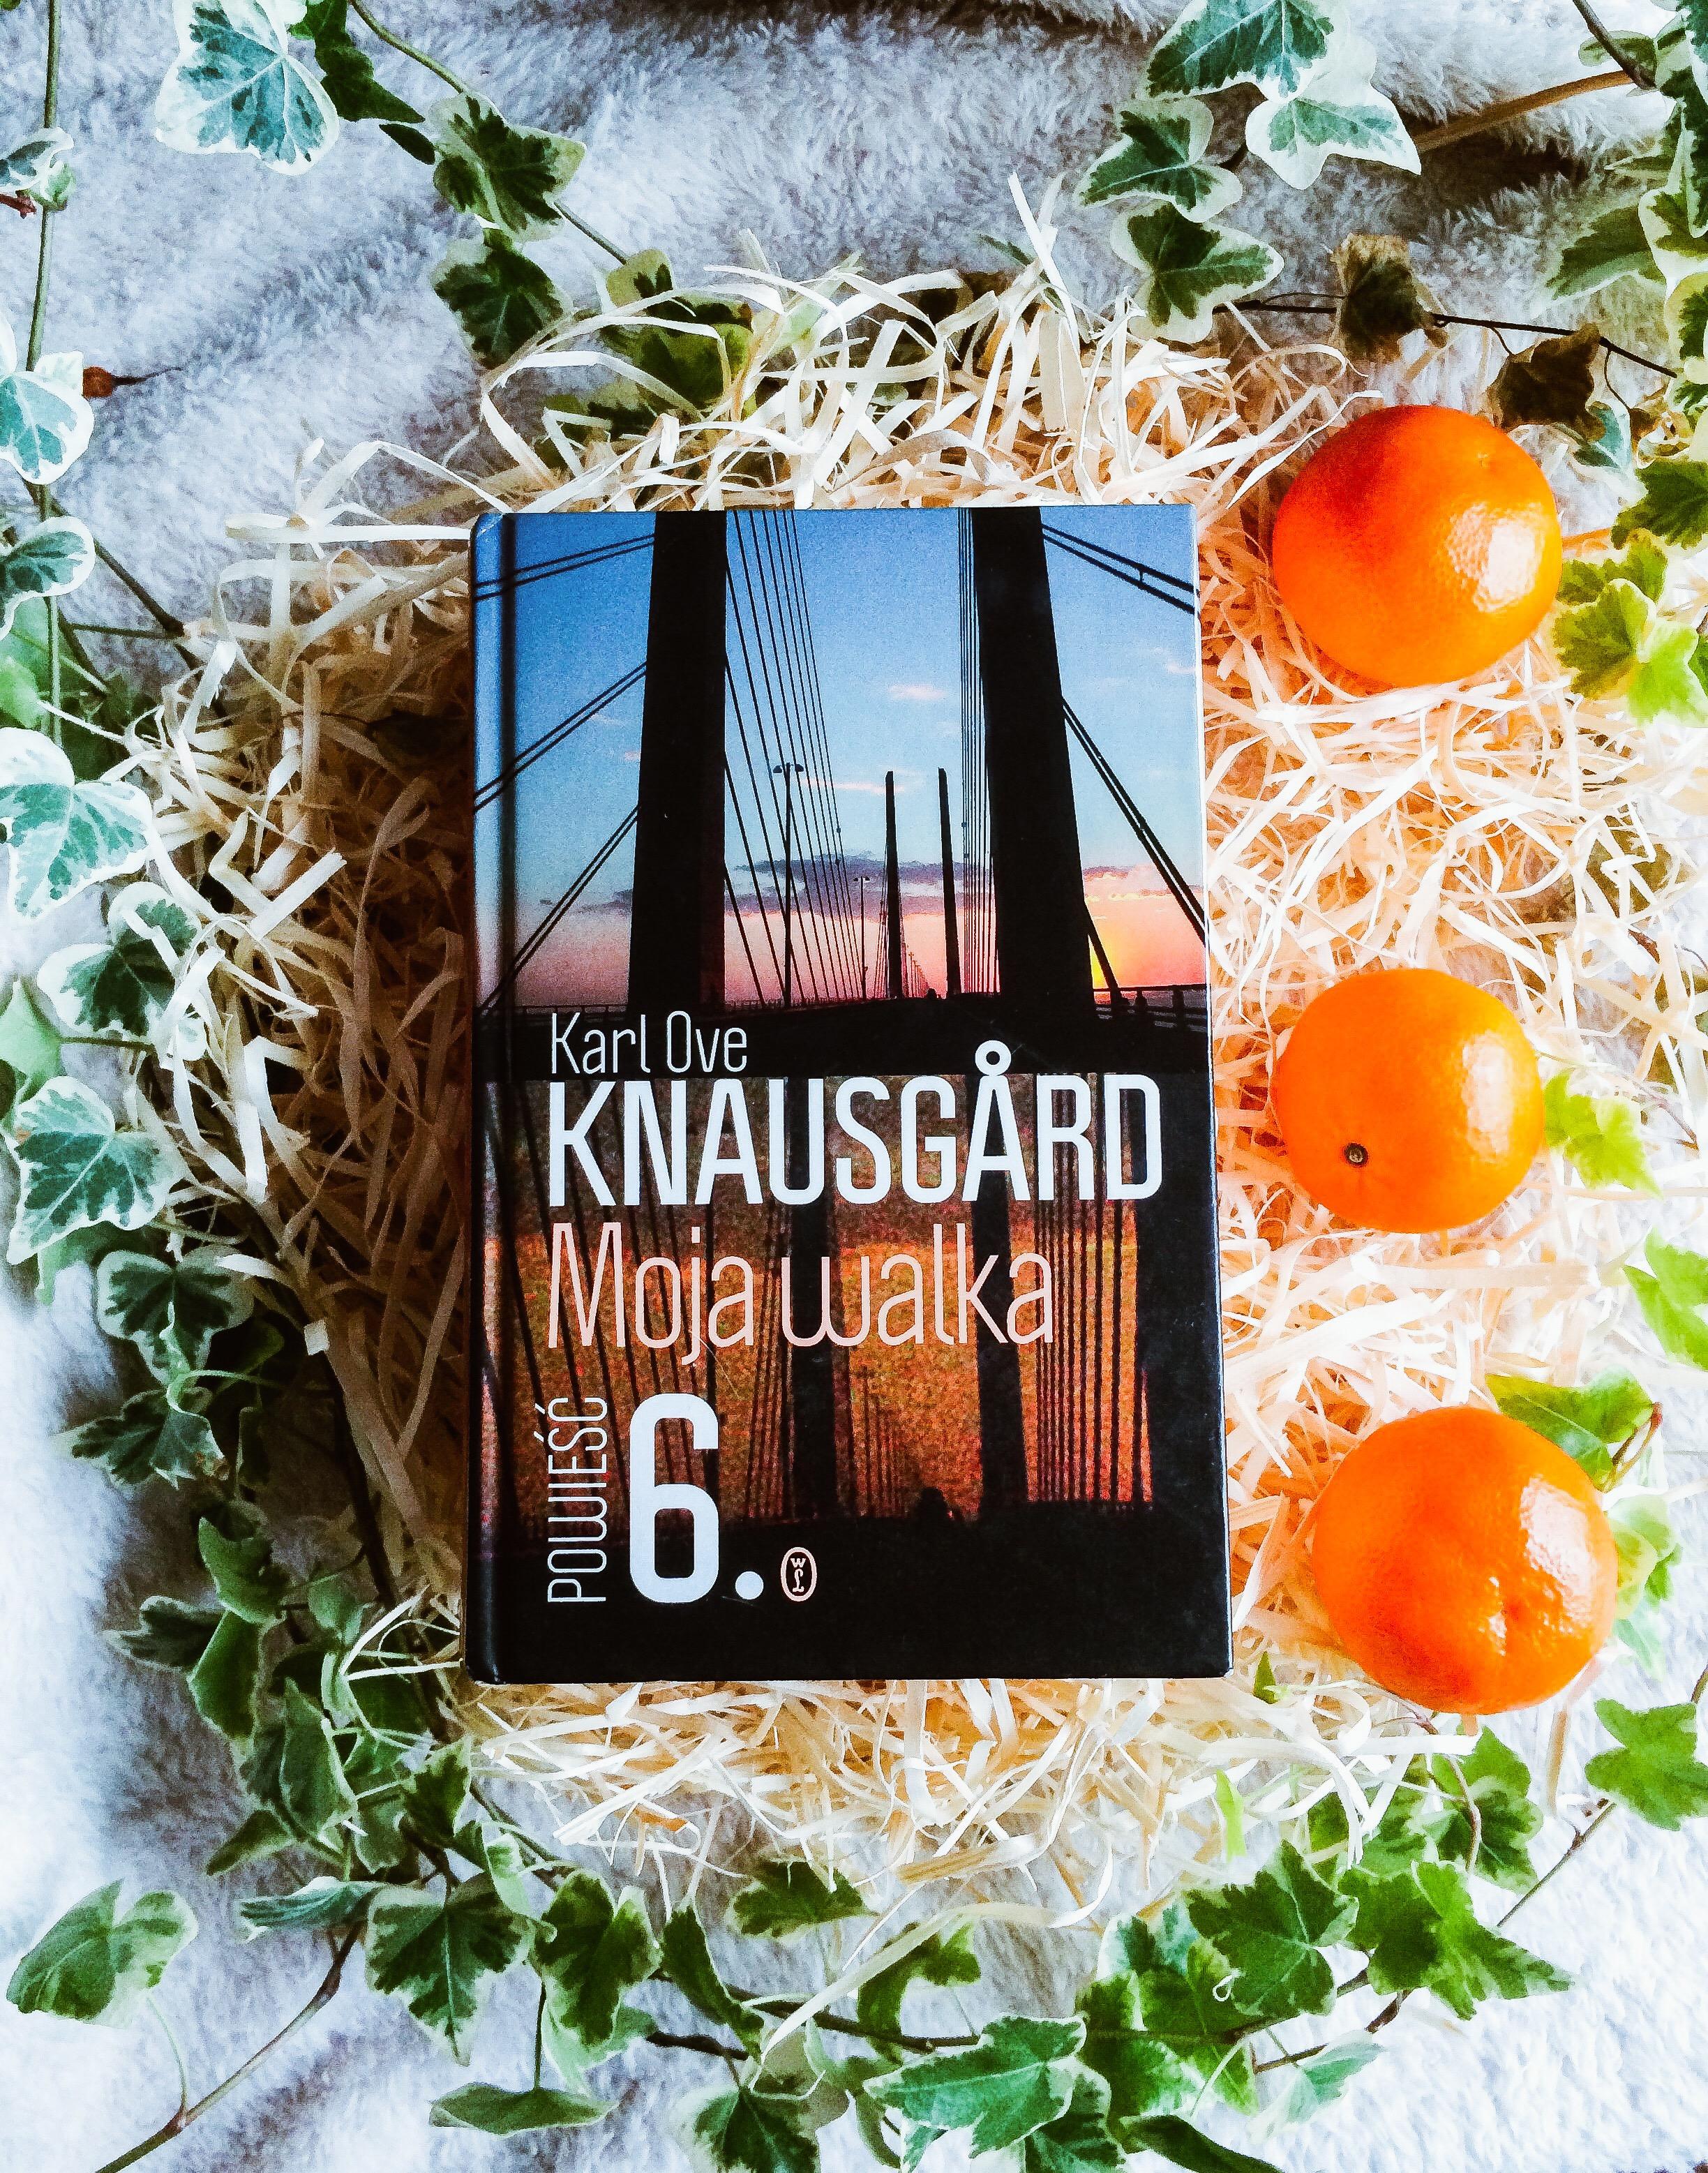 karl_ove_knausgard